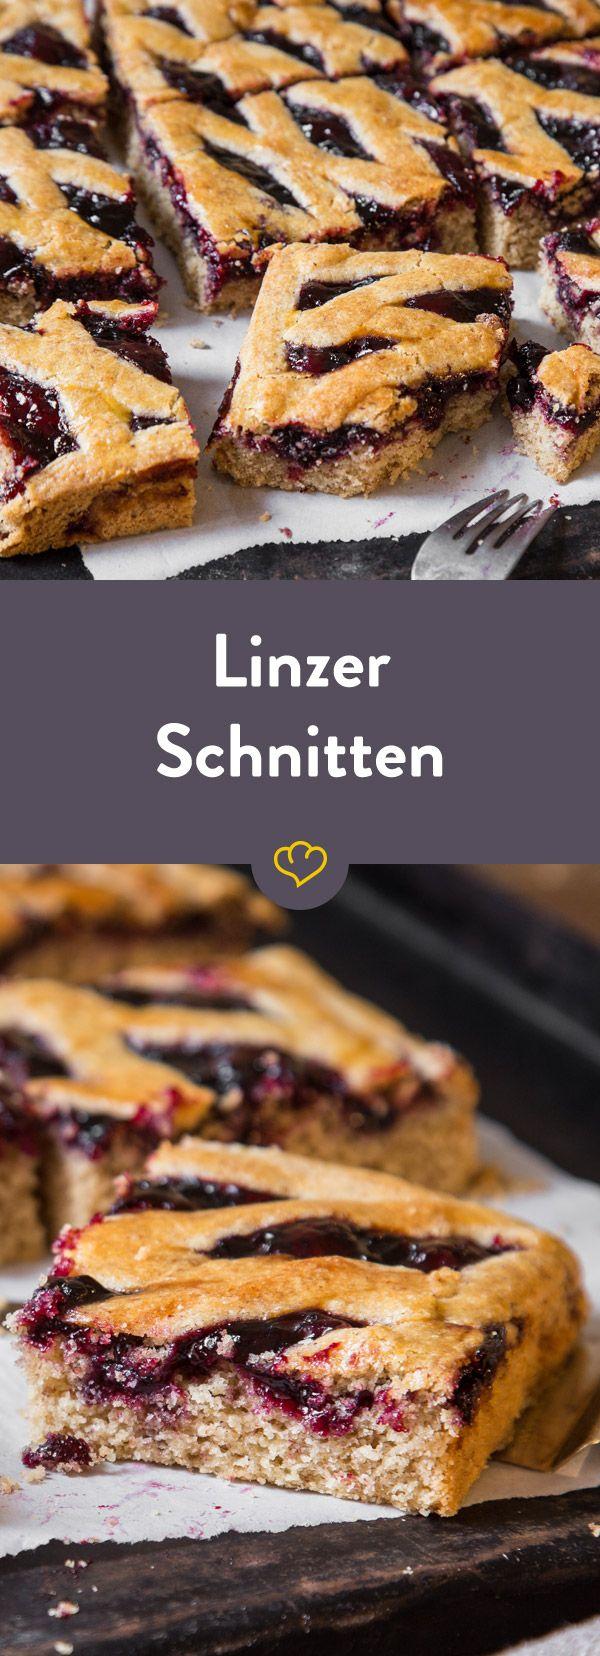 Magst du Linzer lieber rund oder eckig? Egal wie - die Kombination aus würzig, nussigem Teig und herrlich süßer Marmelade ist und bleibt ein Gedicht.